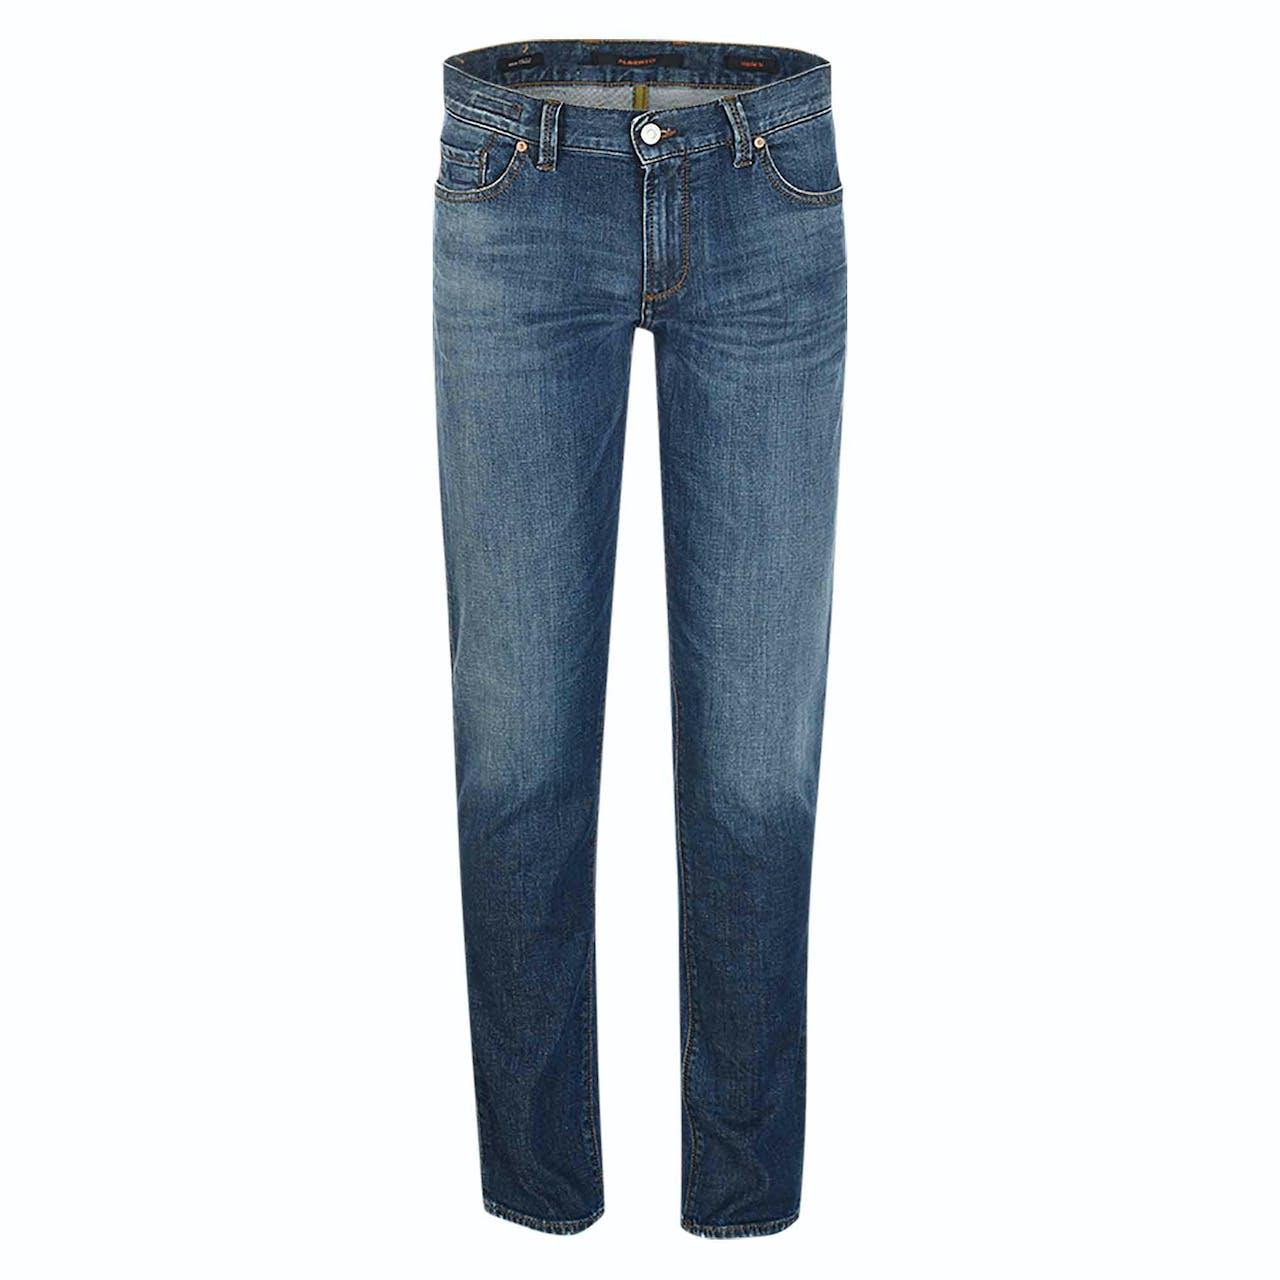 Jeans - Regular Fit - PIPE - Organic Denim